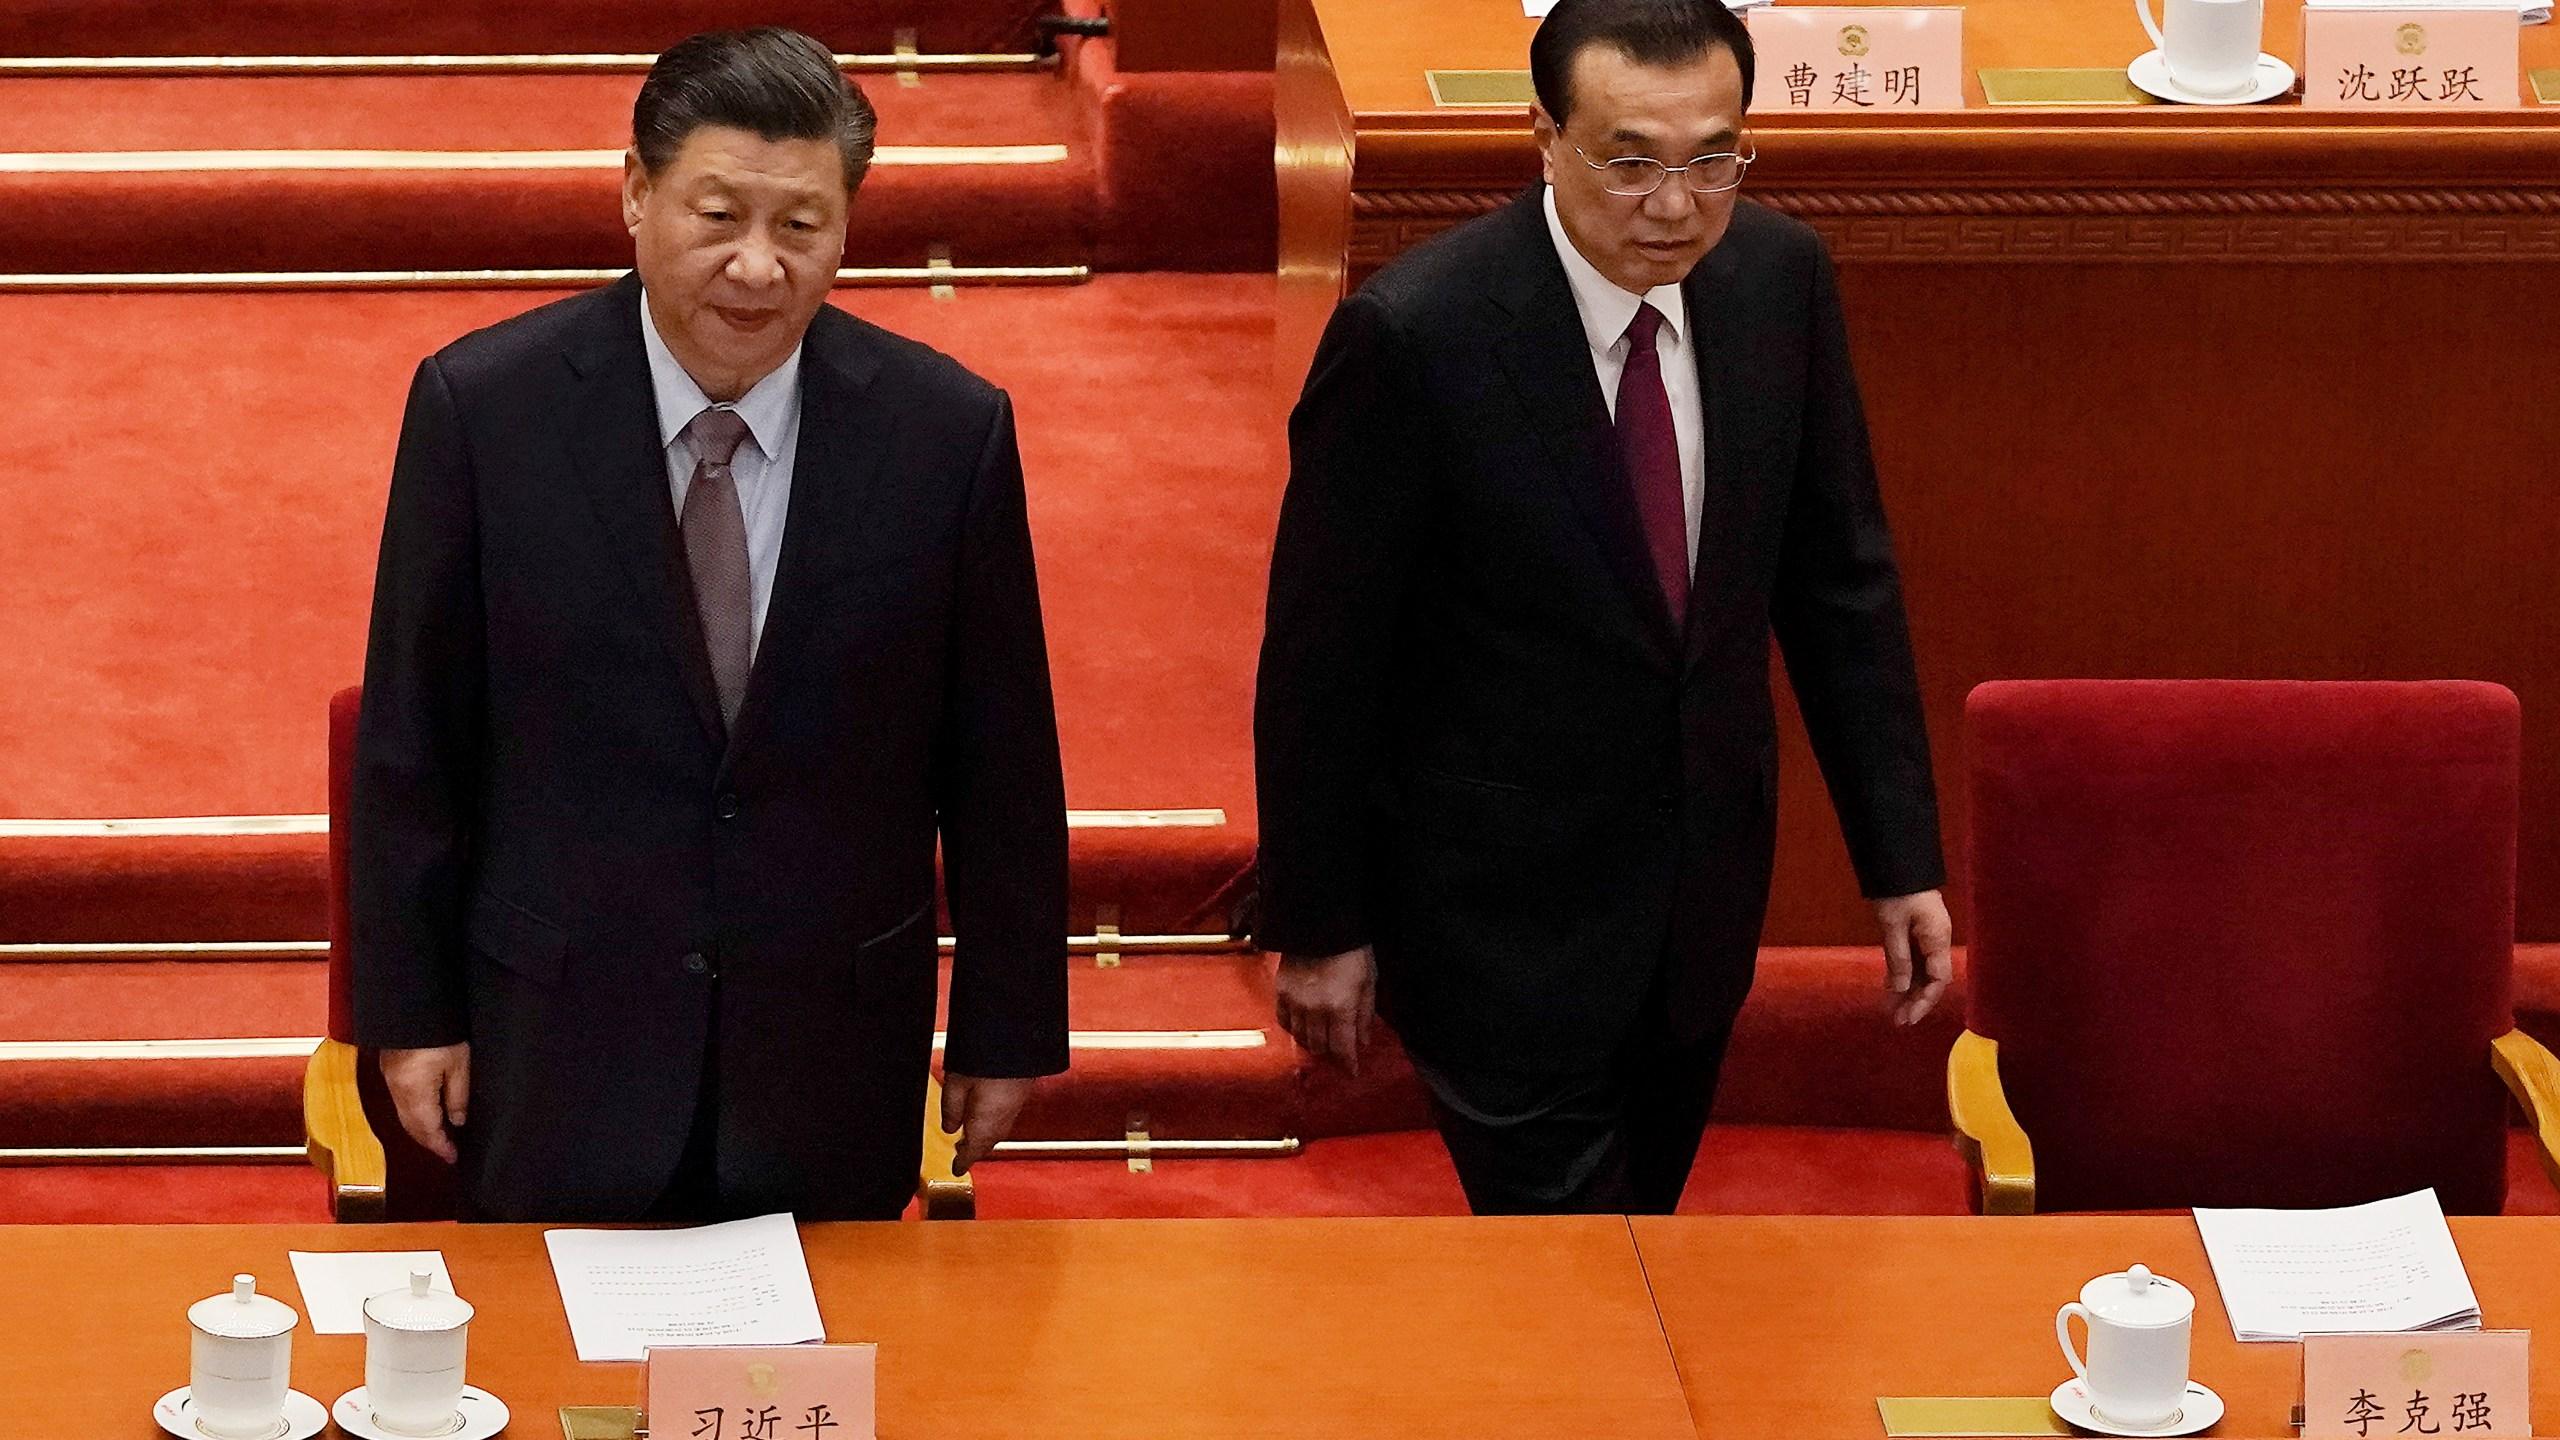 Xi Jinping, Li Keqiang